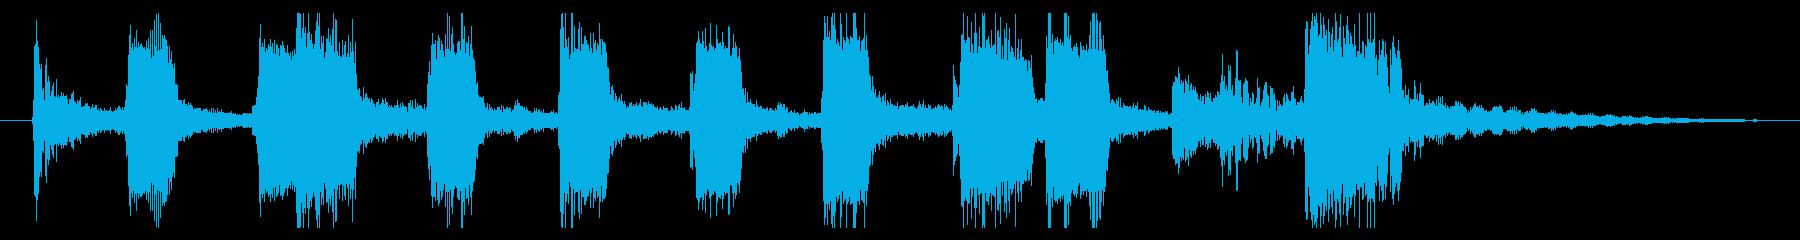 トランペットとトロンボーンのアイキャッチの再生済みの波形